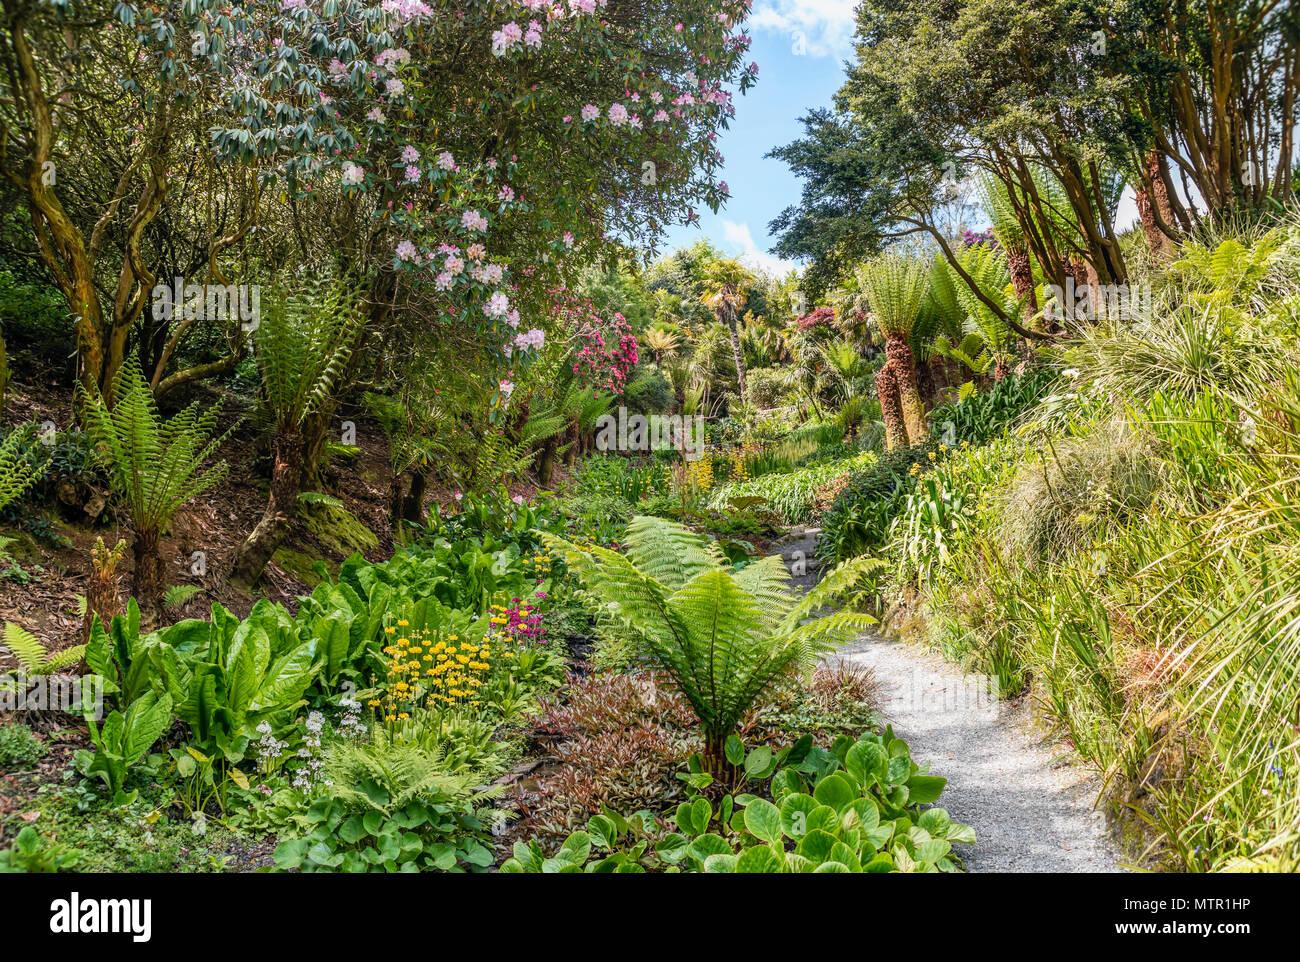 Subtropical Cascade Water Garden at the center of Trebah Garden, Cornwall, England, UK Stock Photo